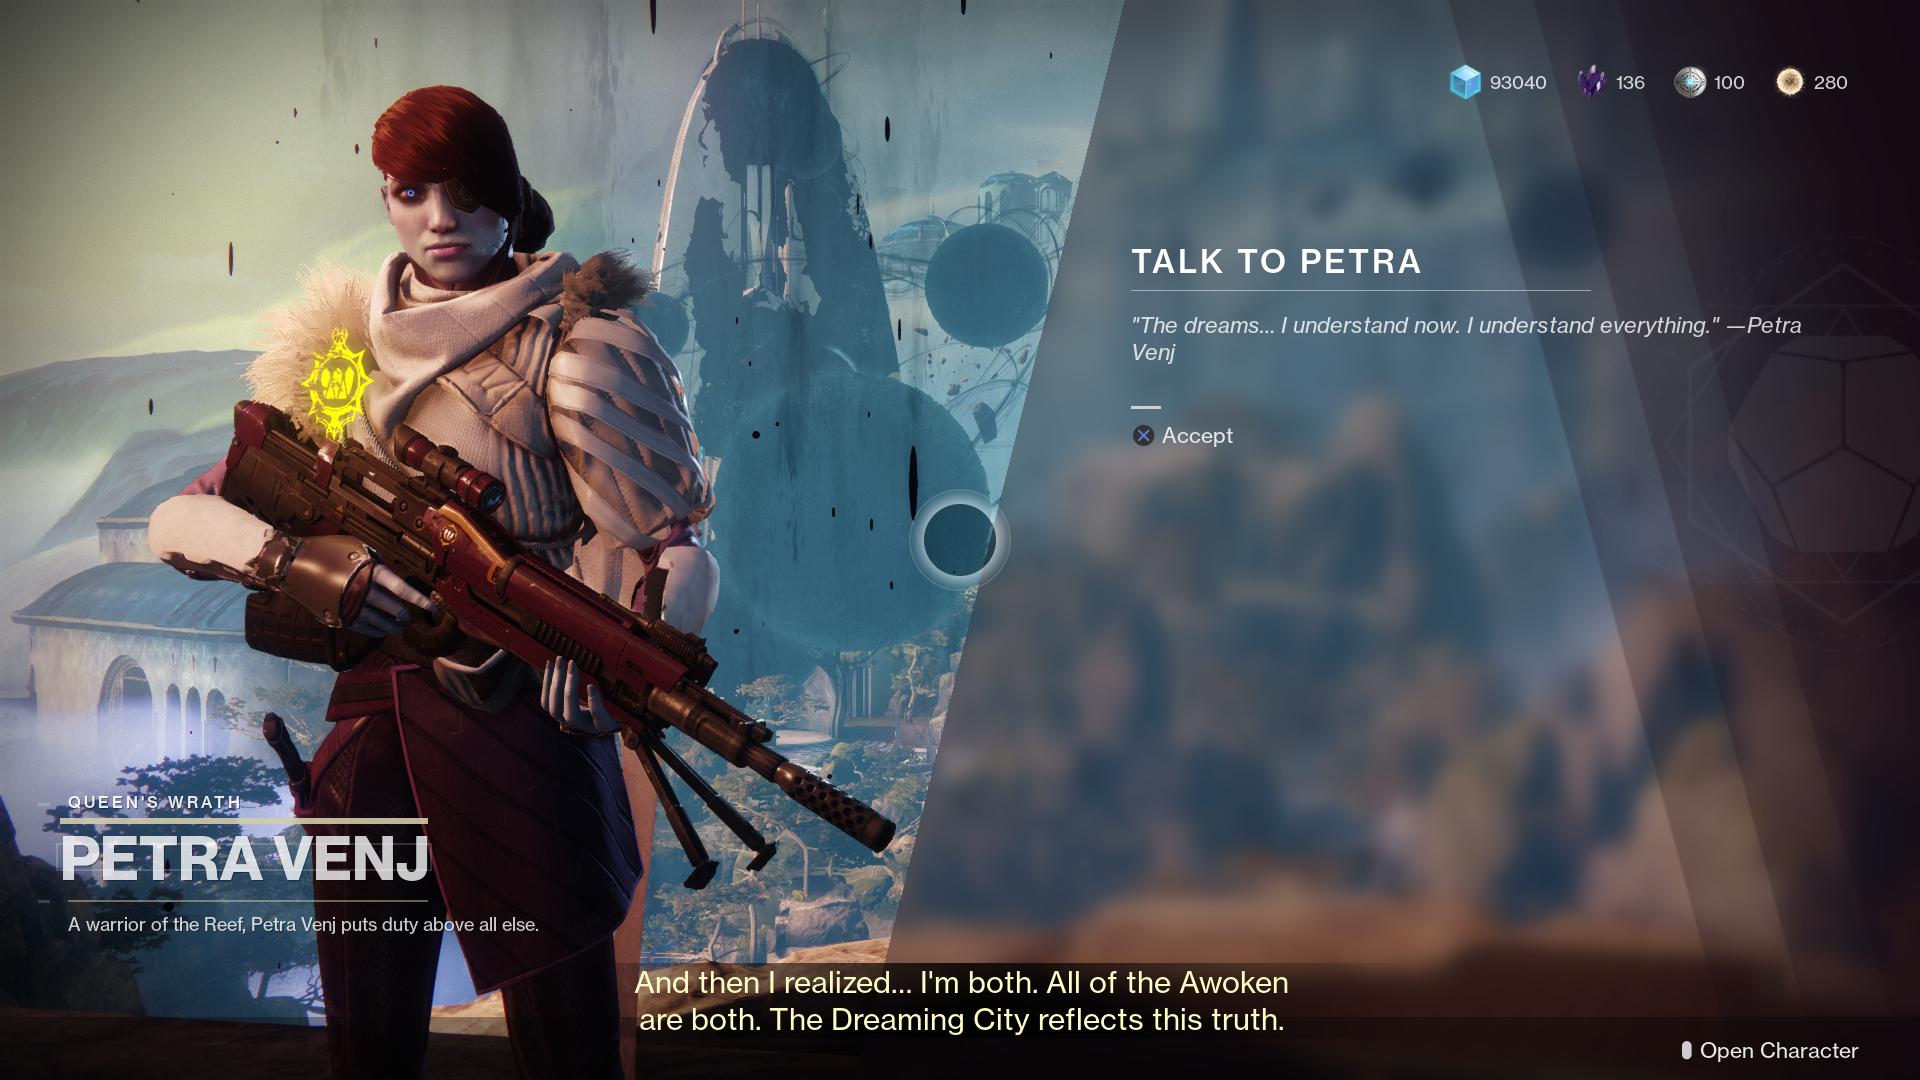 Destiny 2: Forsaken – Ascendant Challenge Week 1 guide - VG247